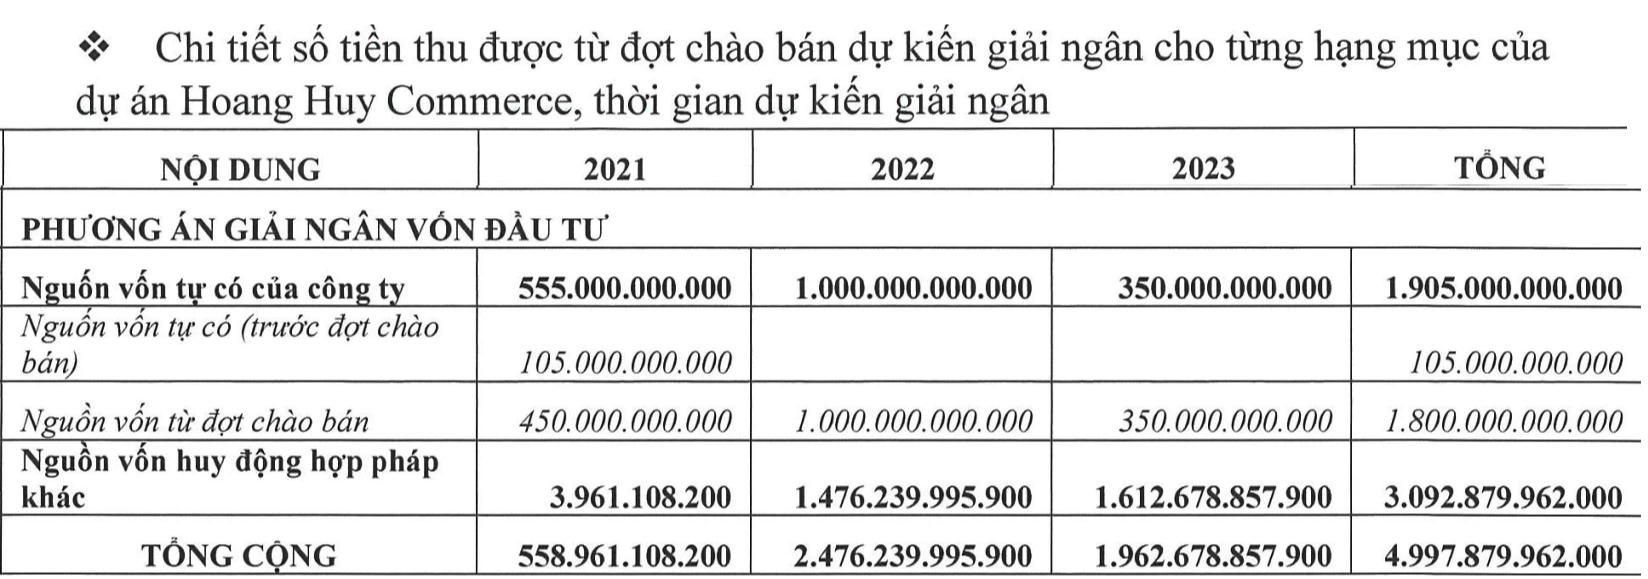 Tài chính Hoàng Huy lên kế hoạch rót hơn 2.500 tỷ vào dự án Hoàng Huy Commerce và Sở Dầu - Ảnh 1.